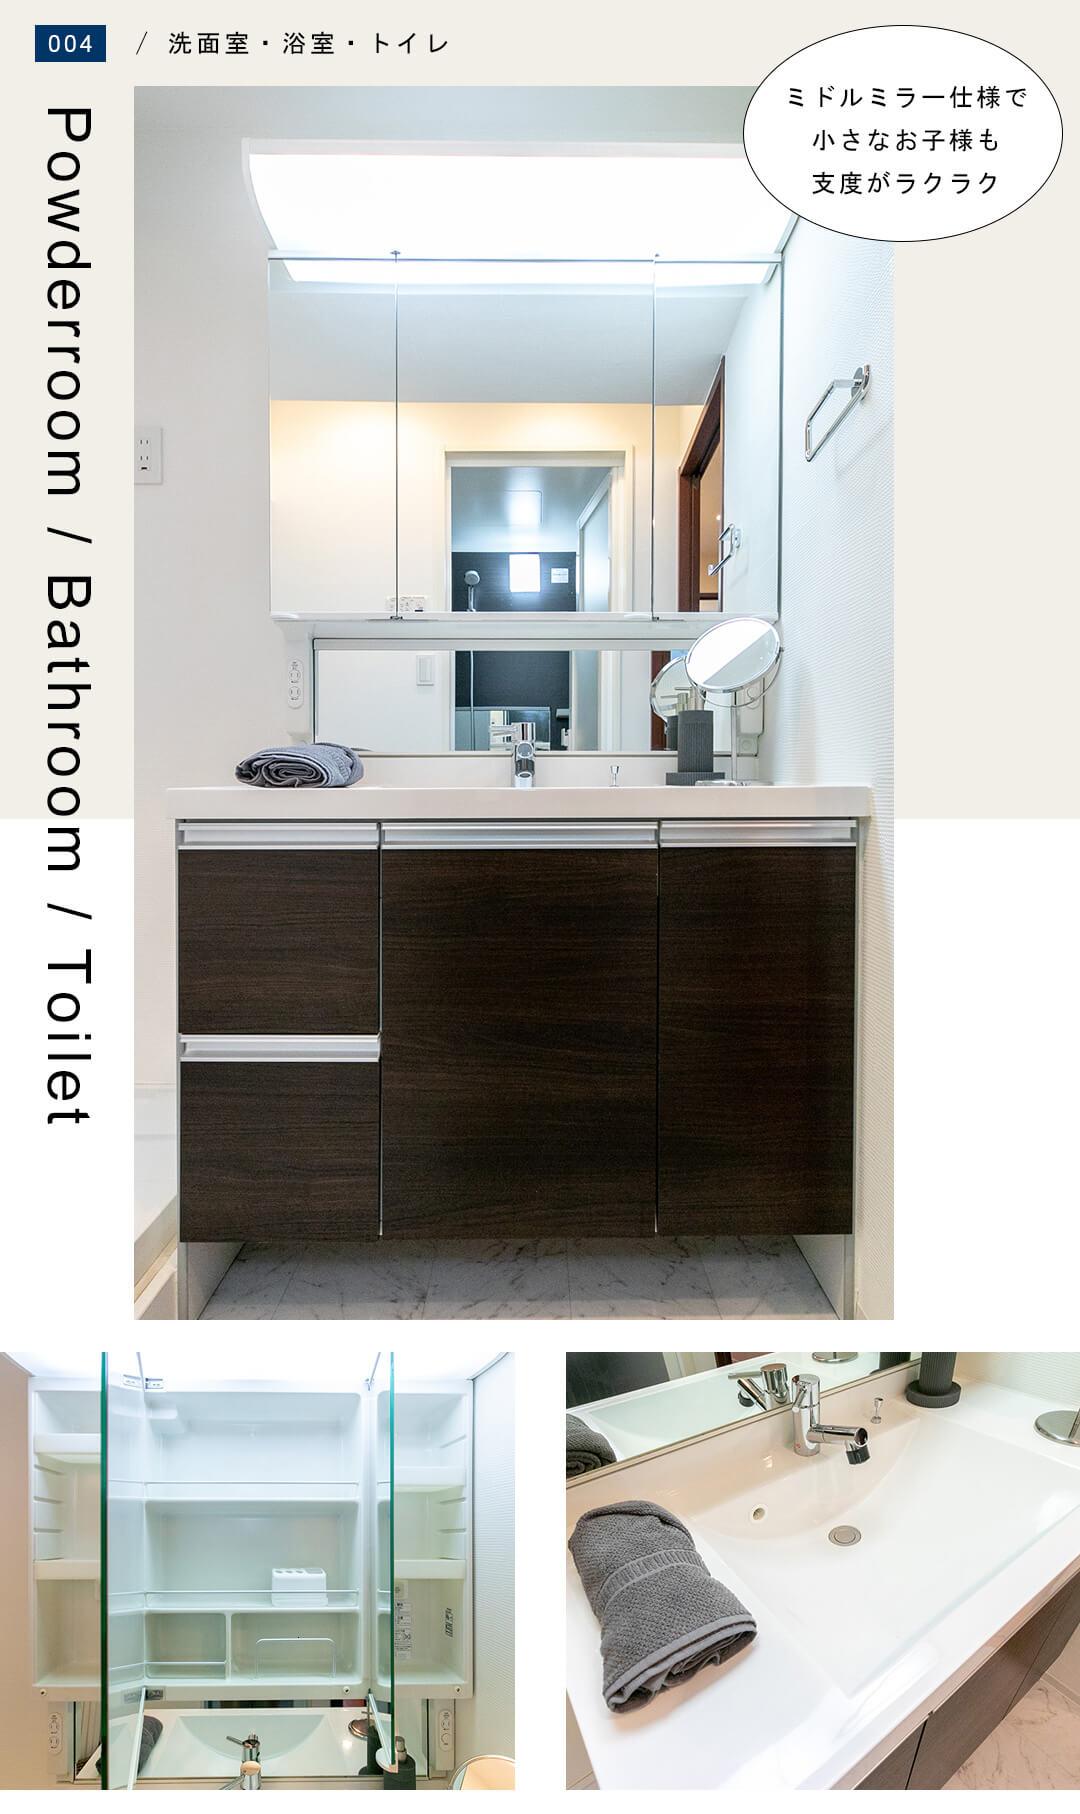 ジョイア上野毛 402の洗面室